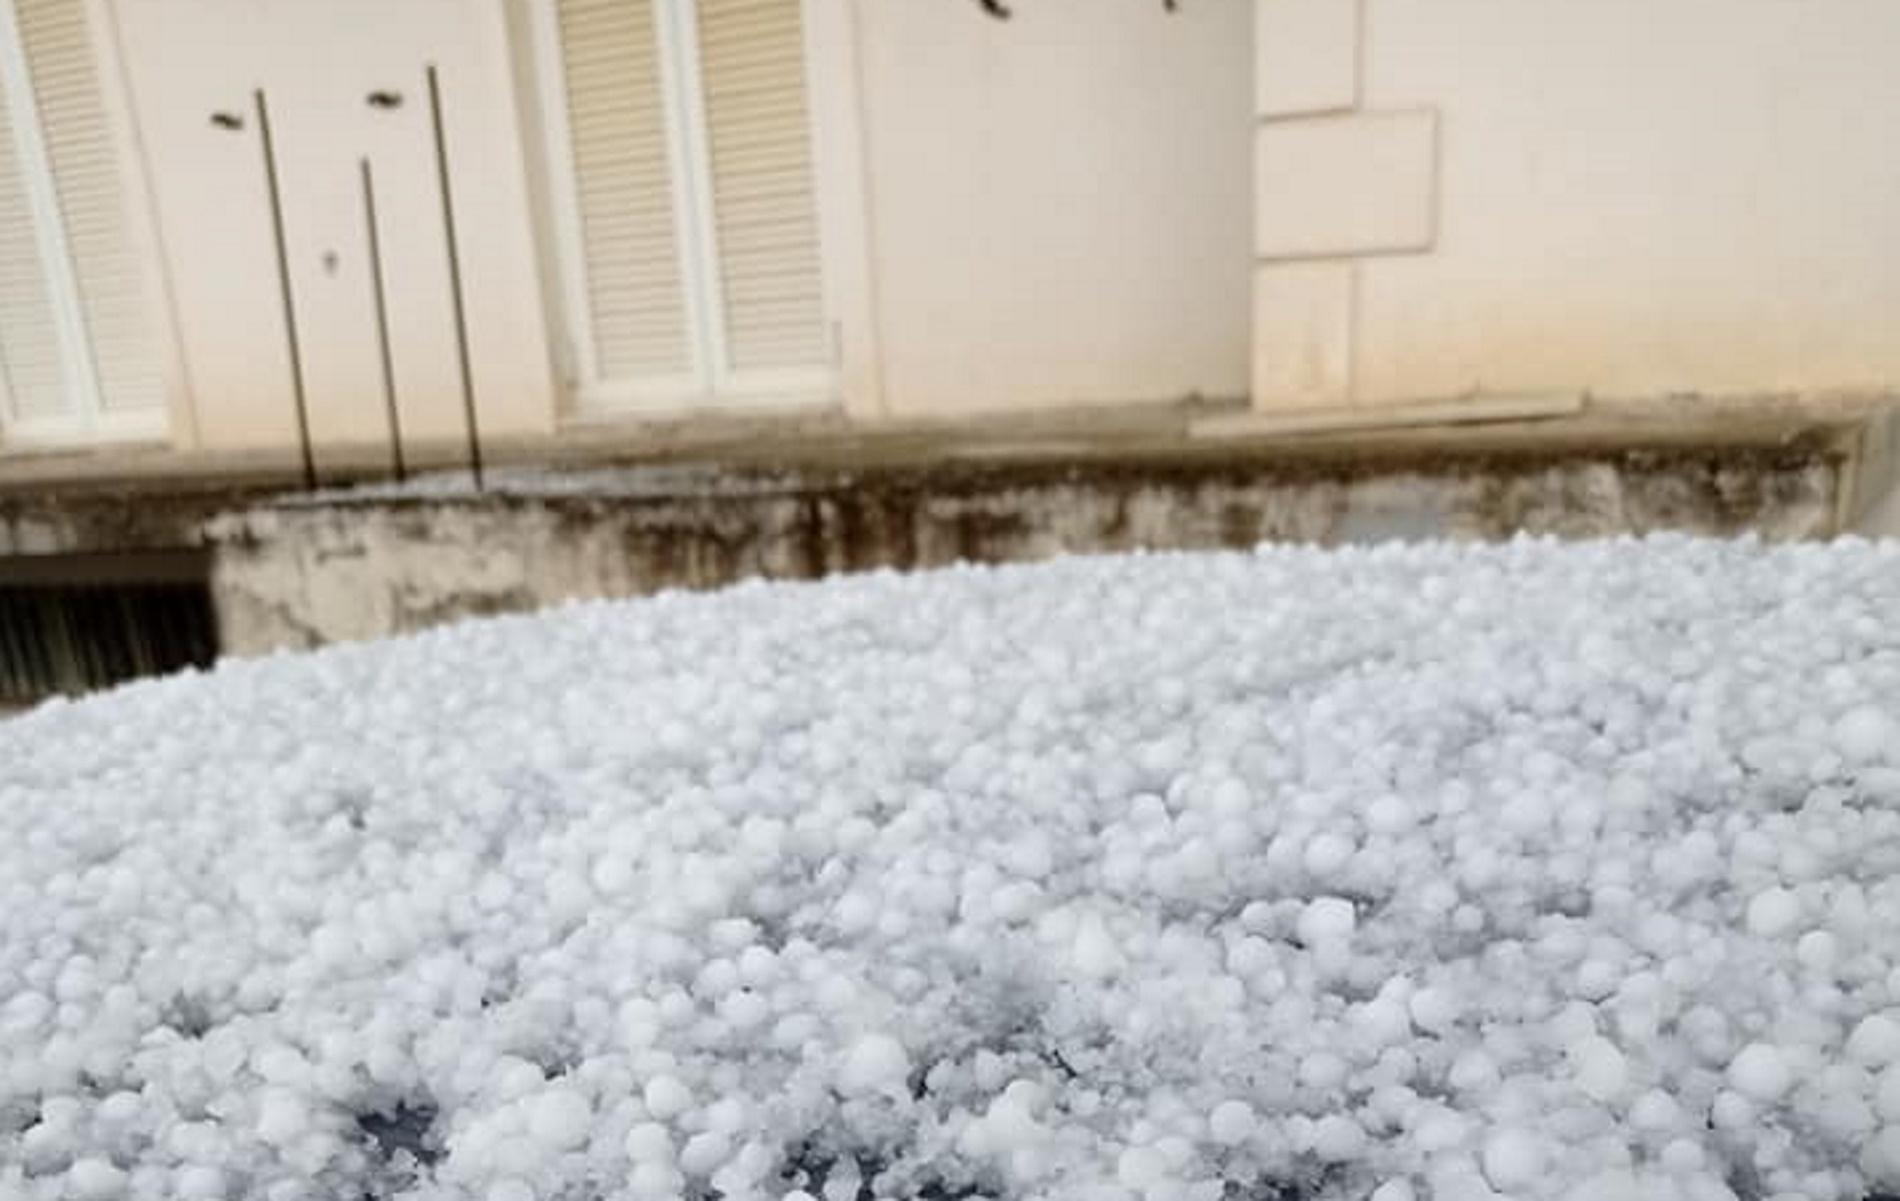 Καιρός – Σπάρτη: Τεράστιες καταστροφές από χαλάζι – Λευκά «αυγά» από τον ουρανό (pics, vid)